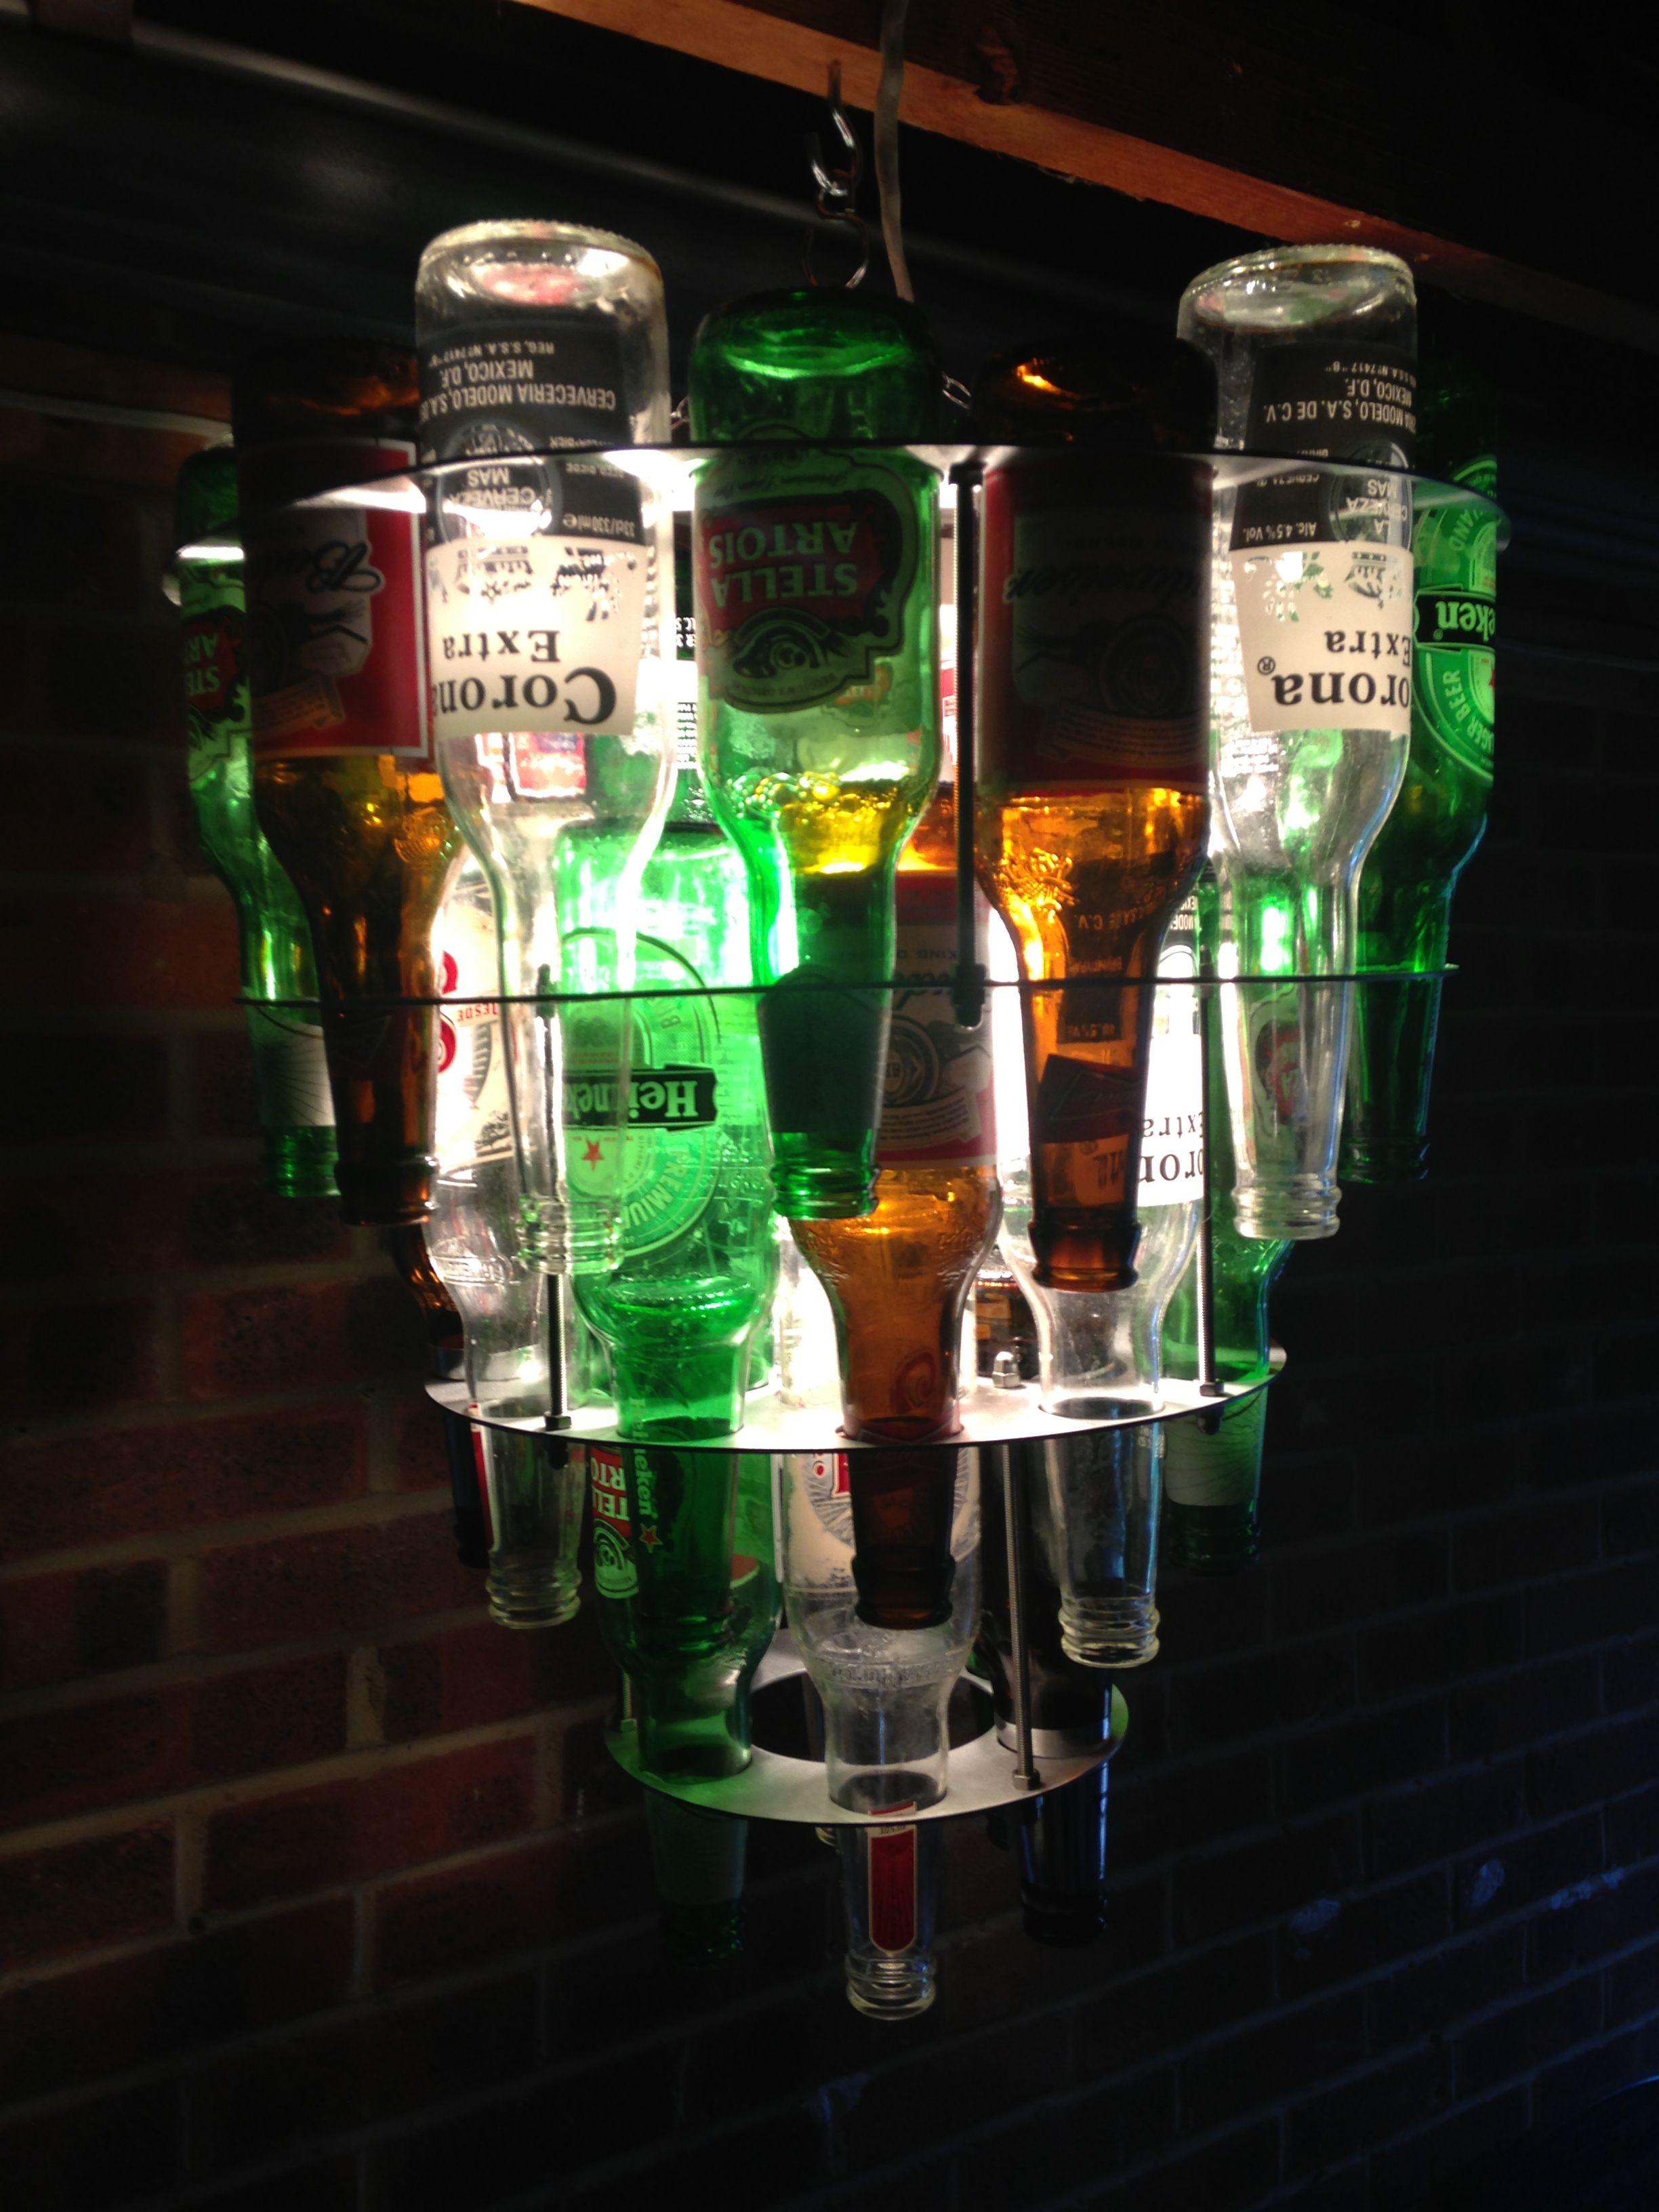 Beer Bottle Chandeliers Beer bottle chandelier do it yo self pinterest beer bottle beer bottle chandelier audiocablefo